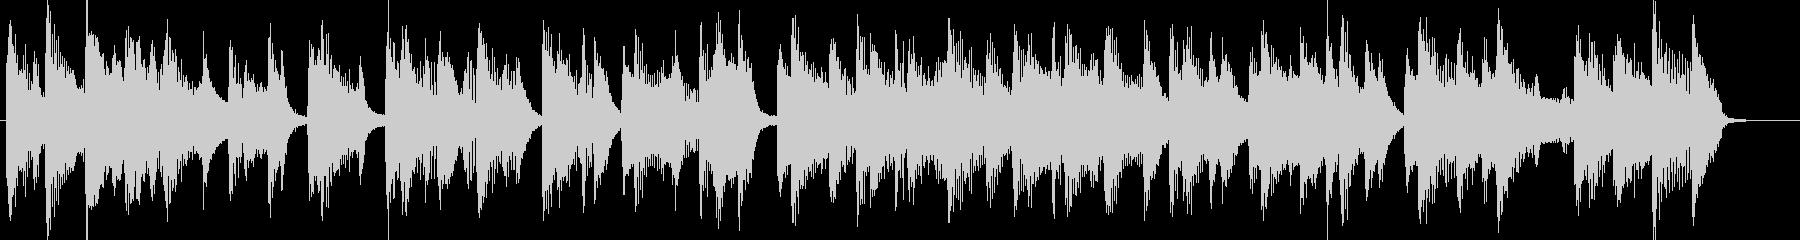 ピアノCM映像出囃子企業VPの未再生の波形